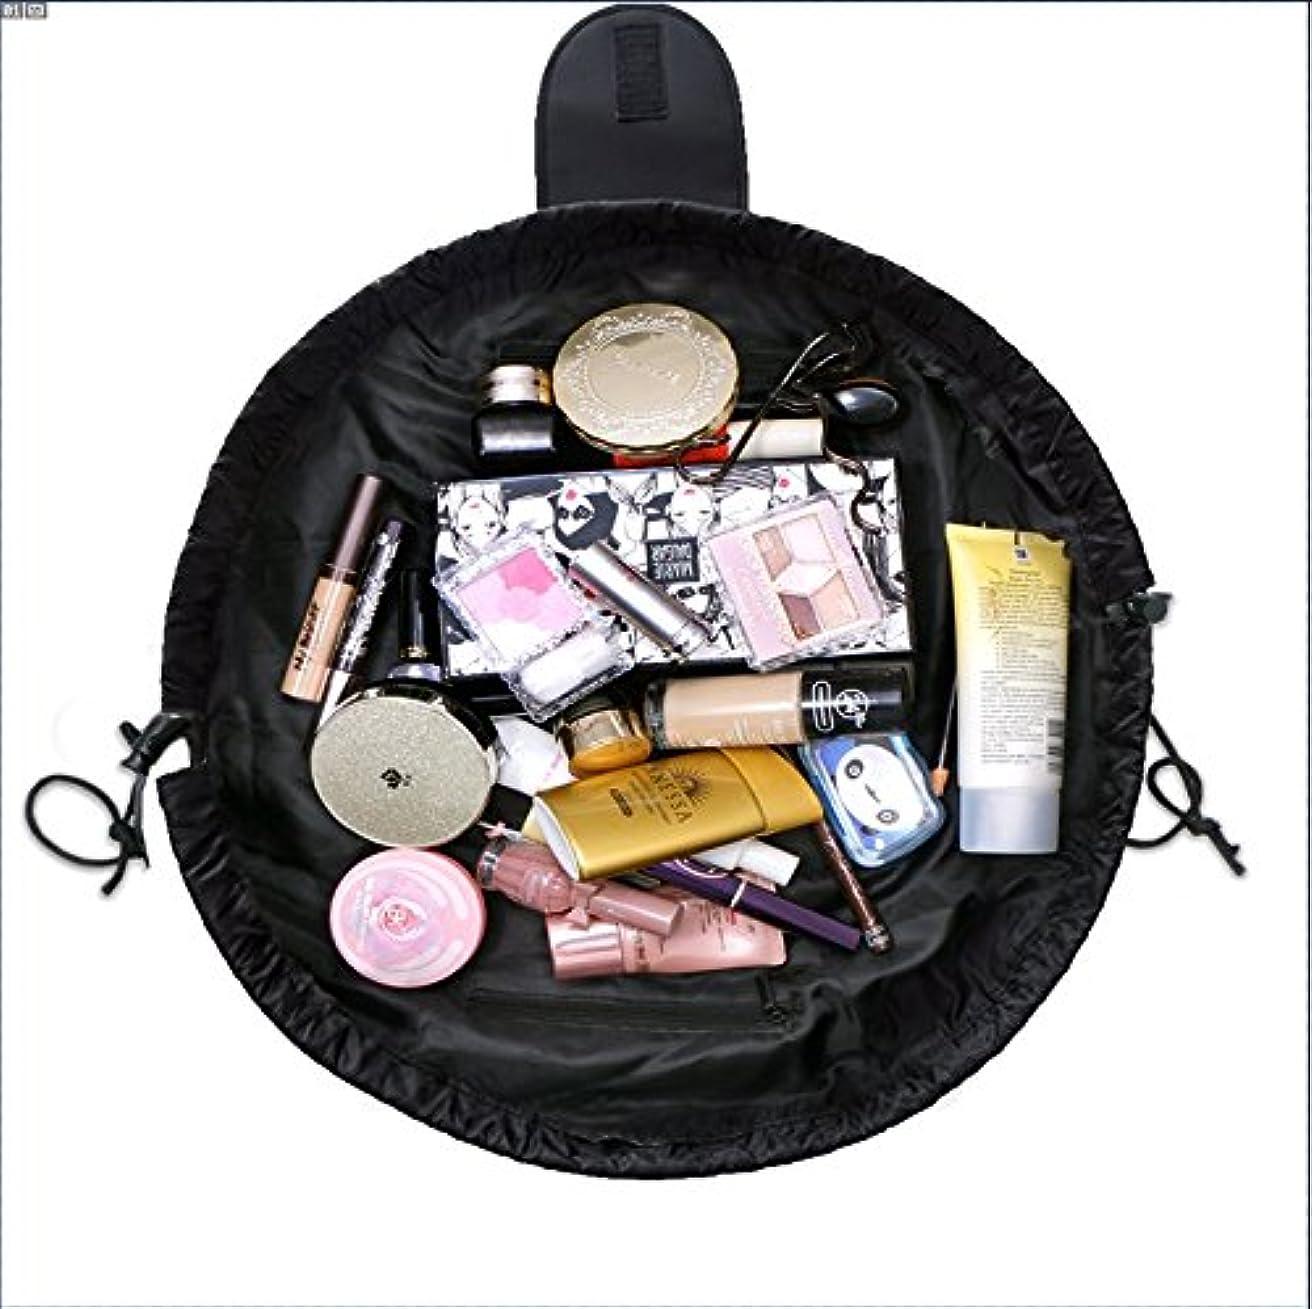 産地バルコニー神学校旅行化粧バッグ ファッションお手軽カジュアル巾着旅行防水大容量の化粧バック (ブラック)